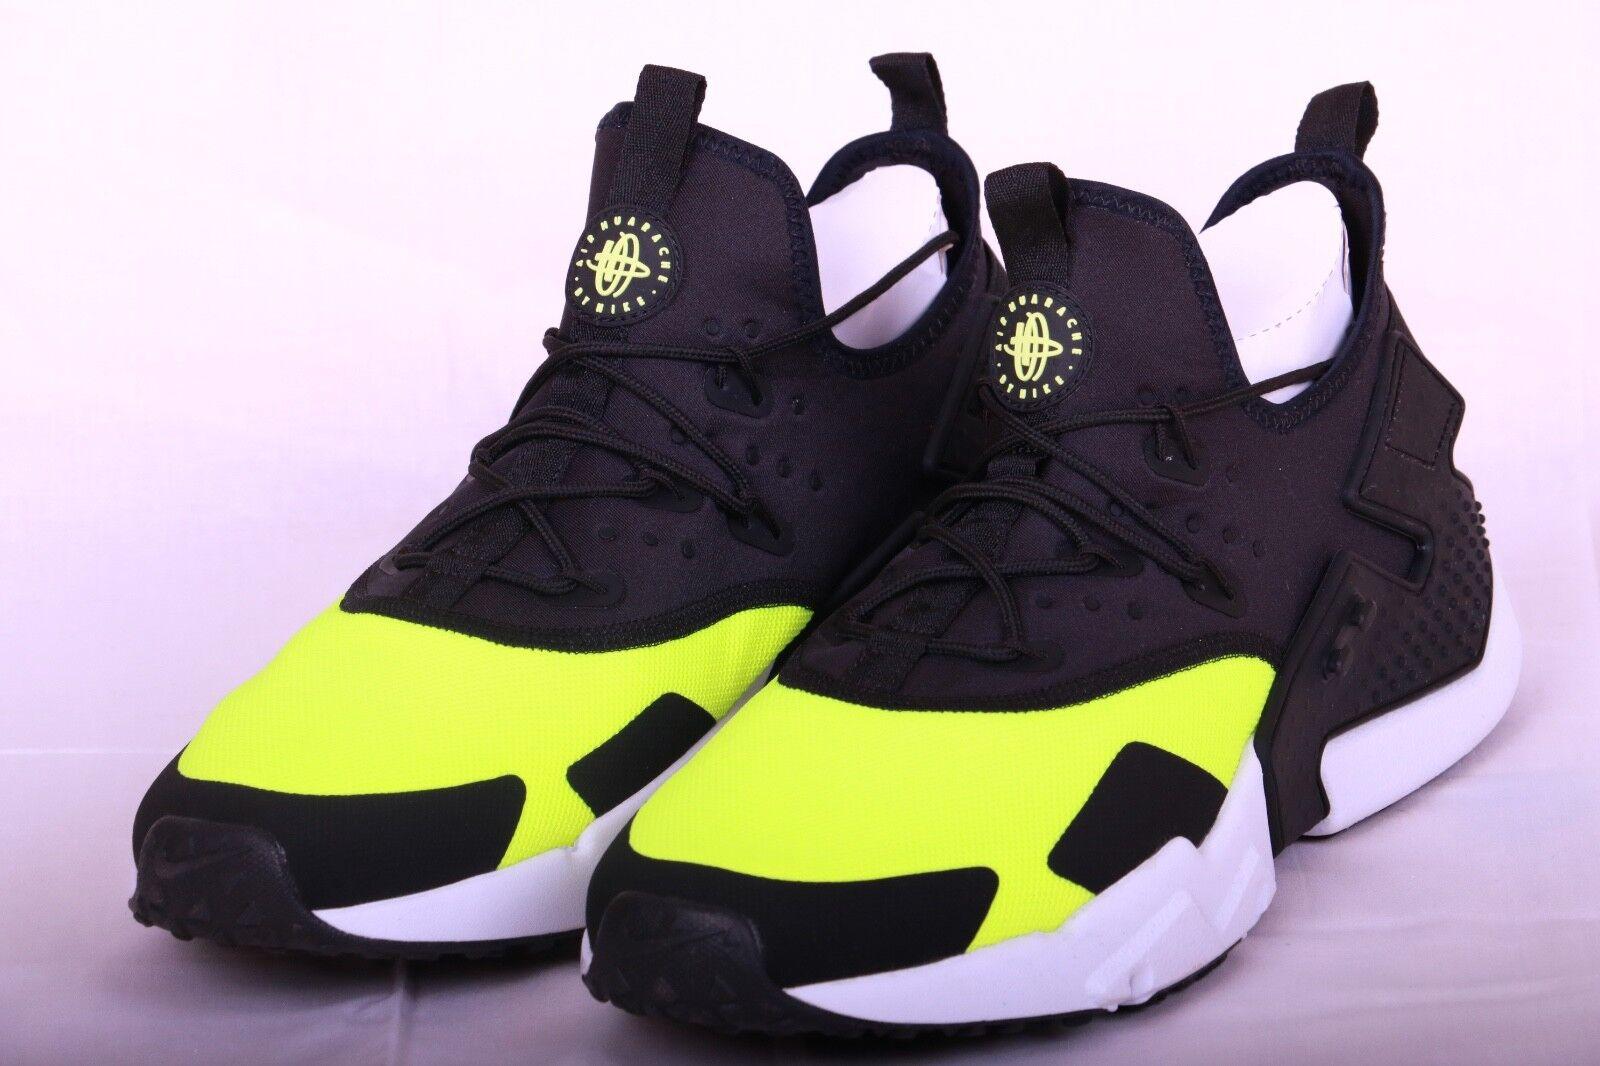 Nike Air Huarache Drift Run Shoes Volt Black White AH7334 700 Men's Size 13